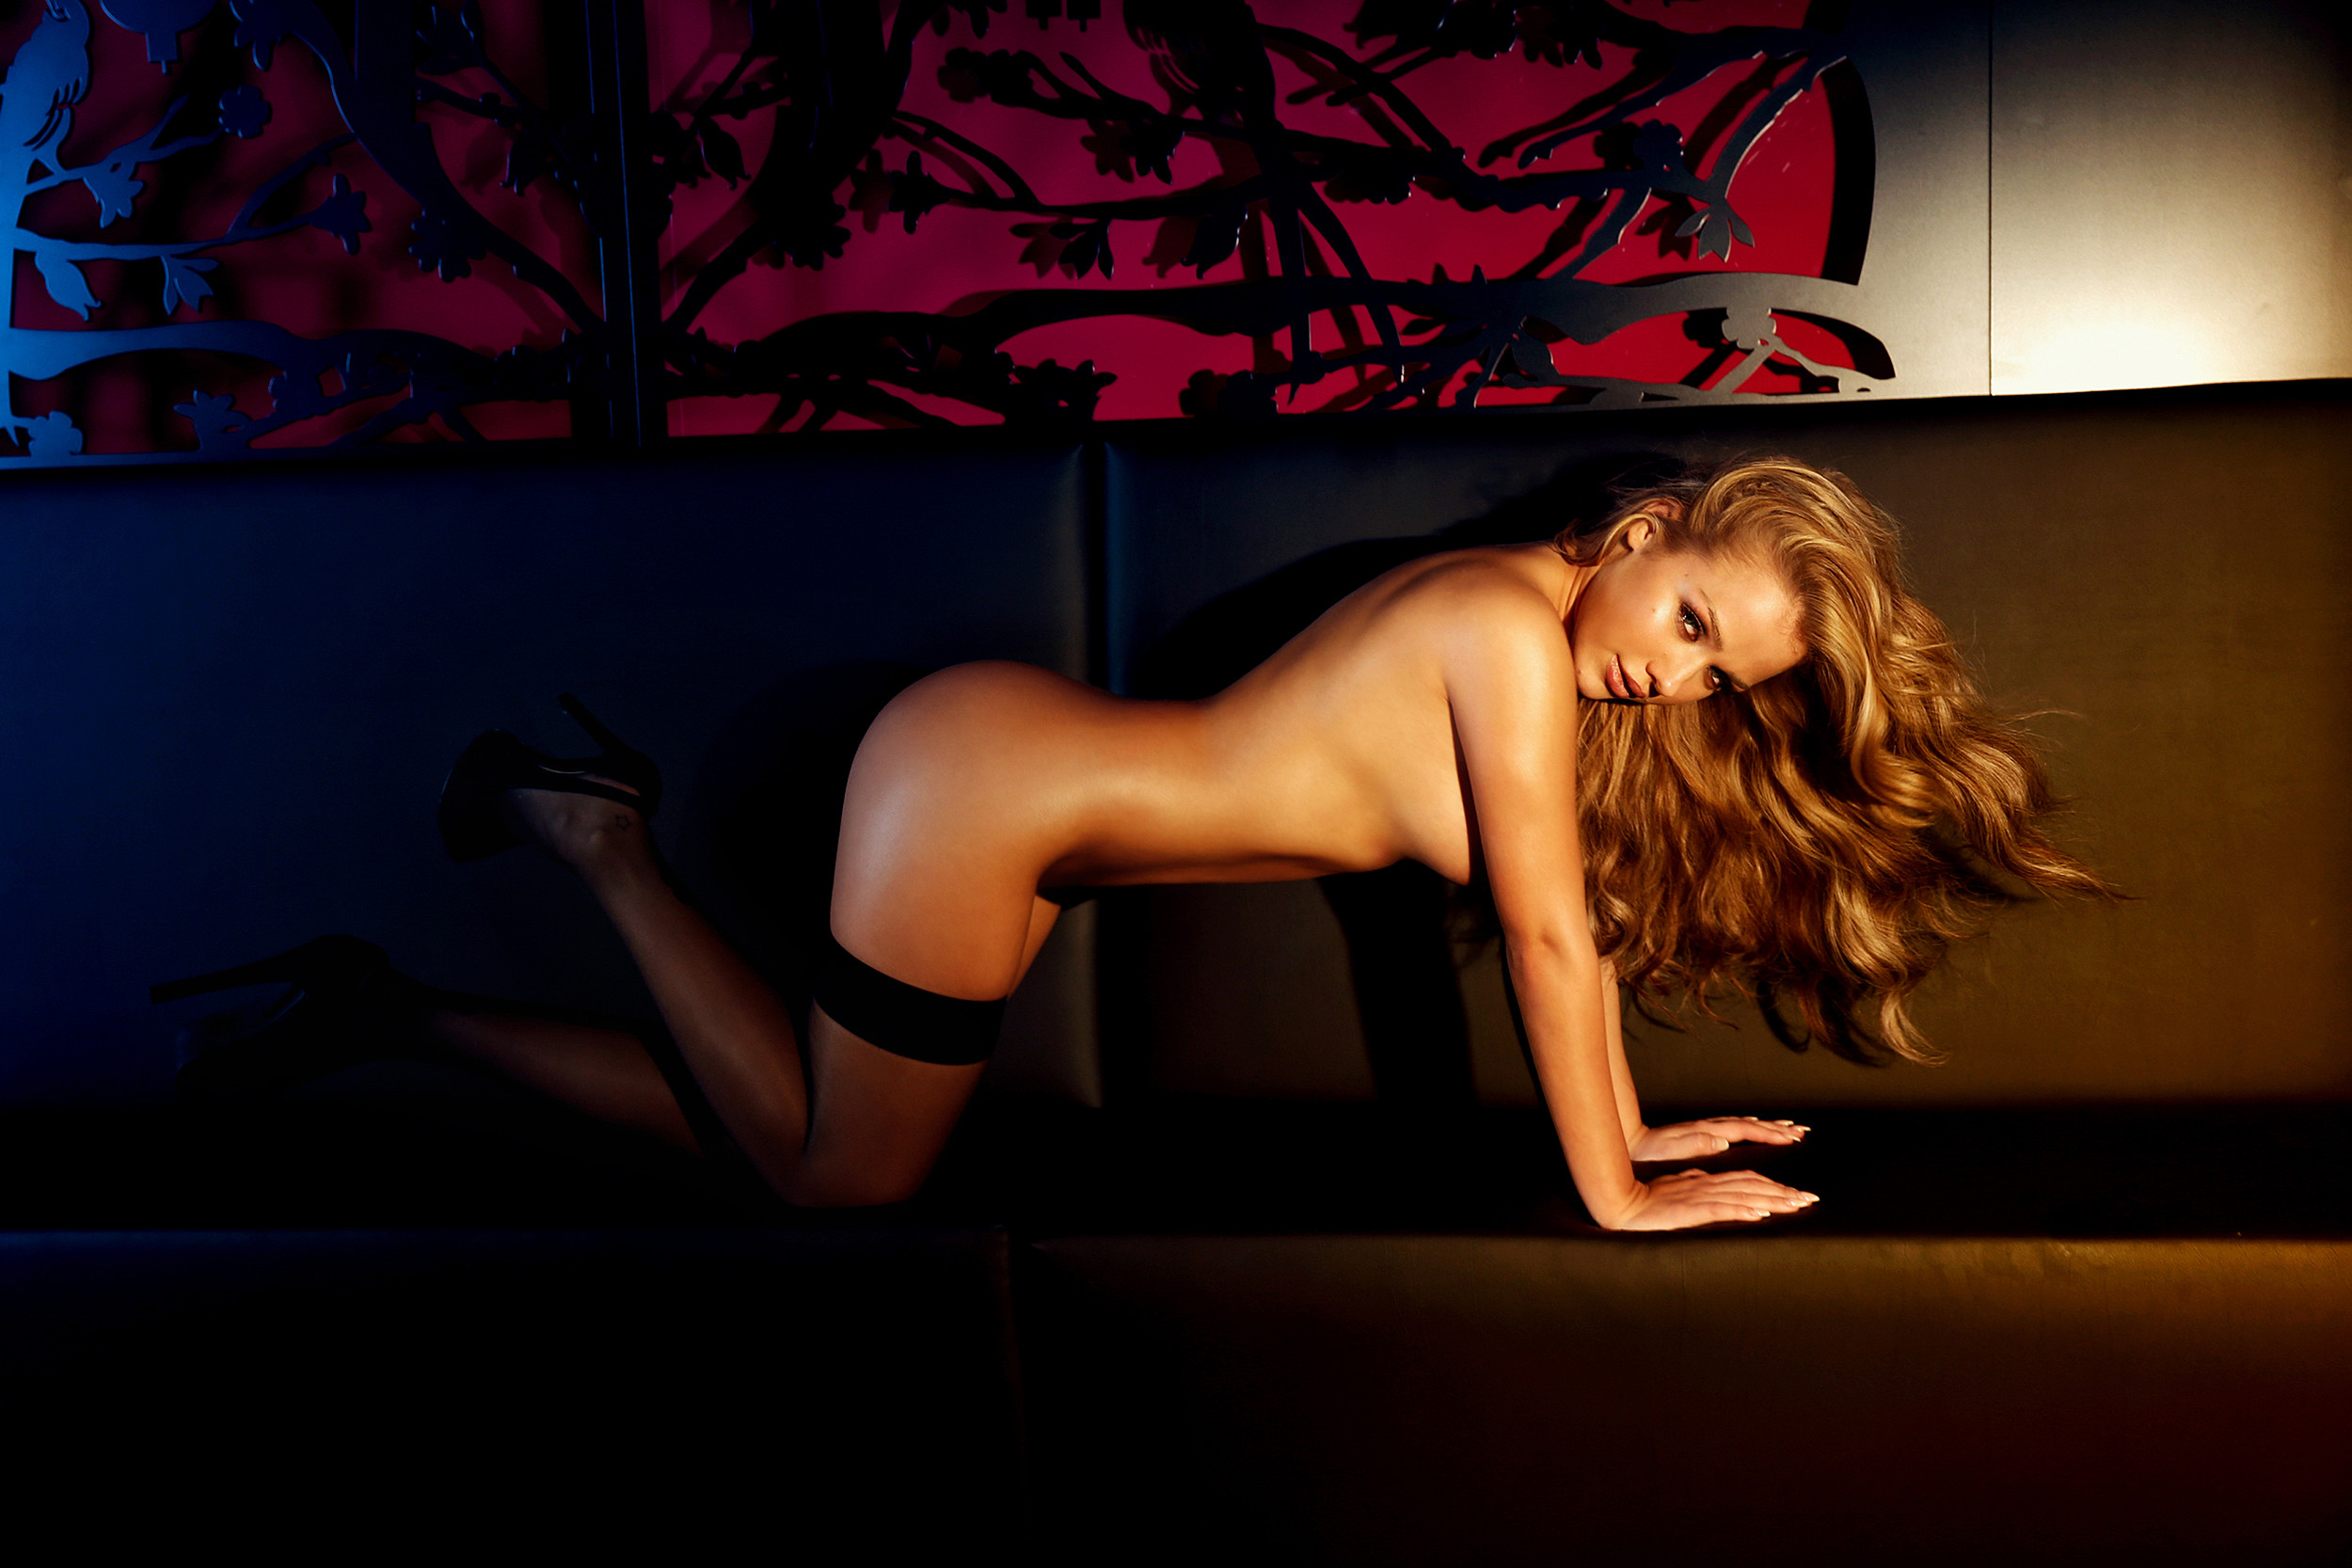 Kim Gloss Playboy